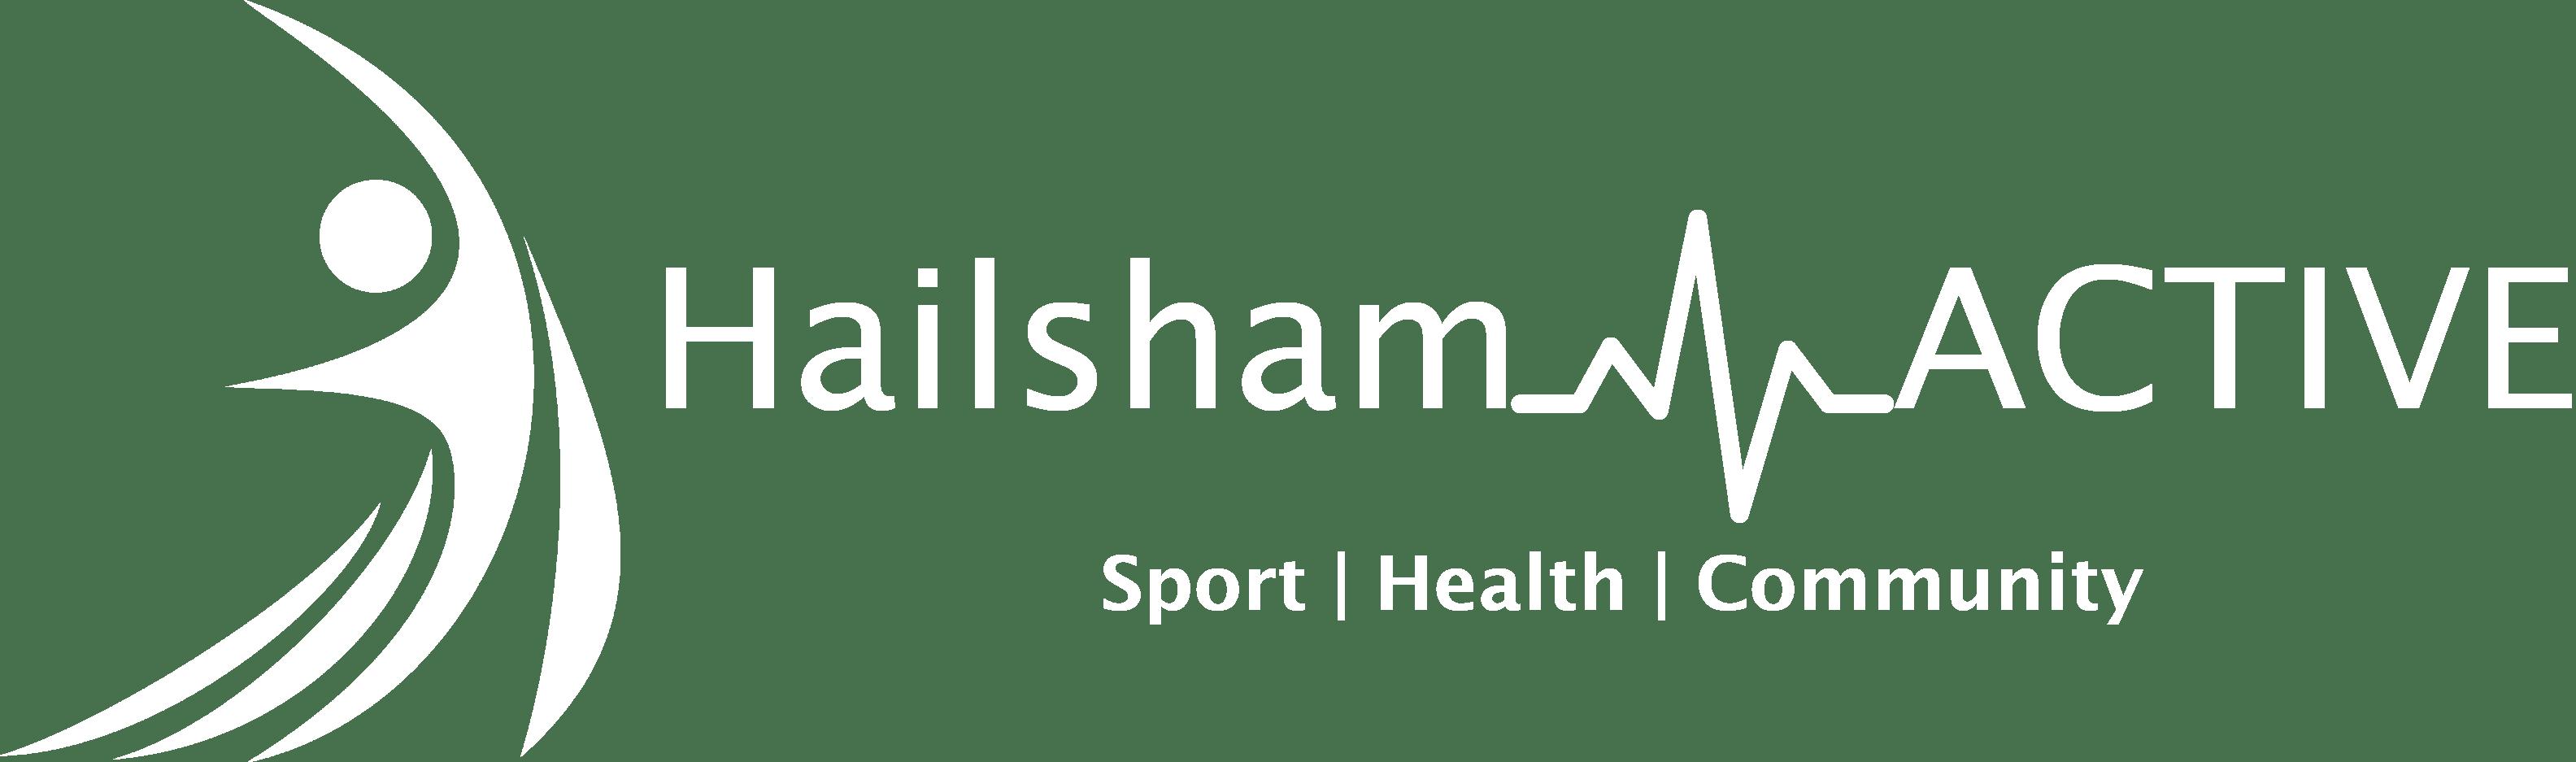 Hailsham Active